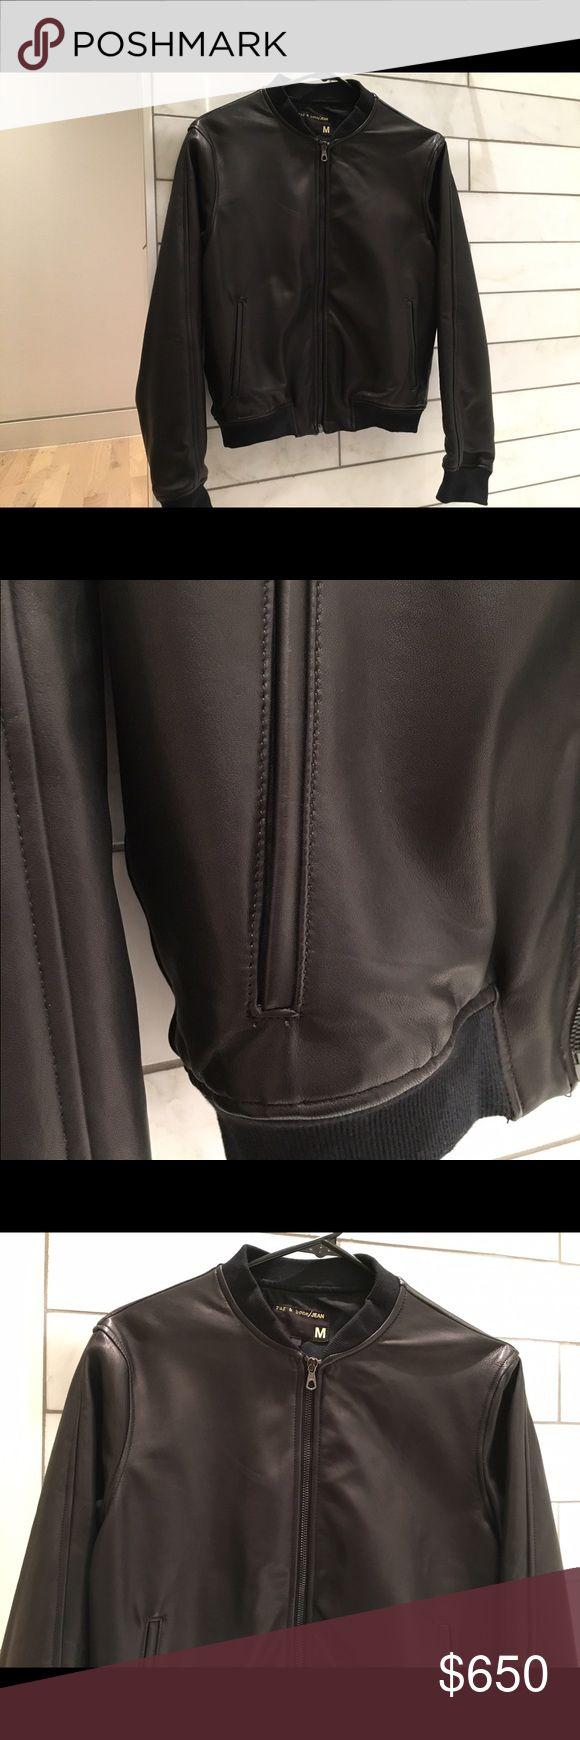 Selling this Rag & Bone lamb skin leather bomber jacket, size m on Poshmark! My username is: ae900. #shopmycloset #poshmark #fashion #shopping #style #forsale #rag & bone #Jackets & Blazers